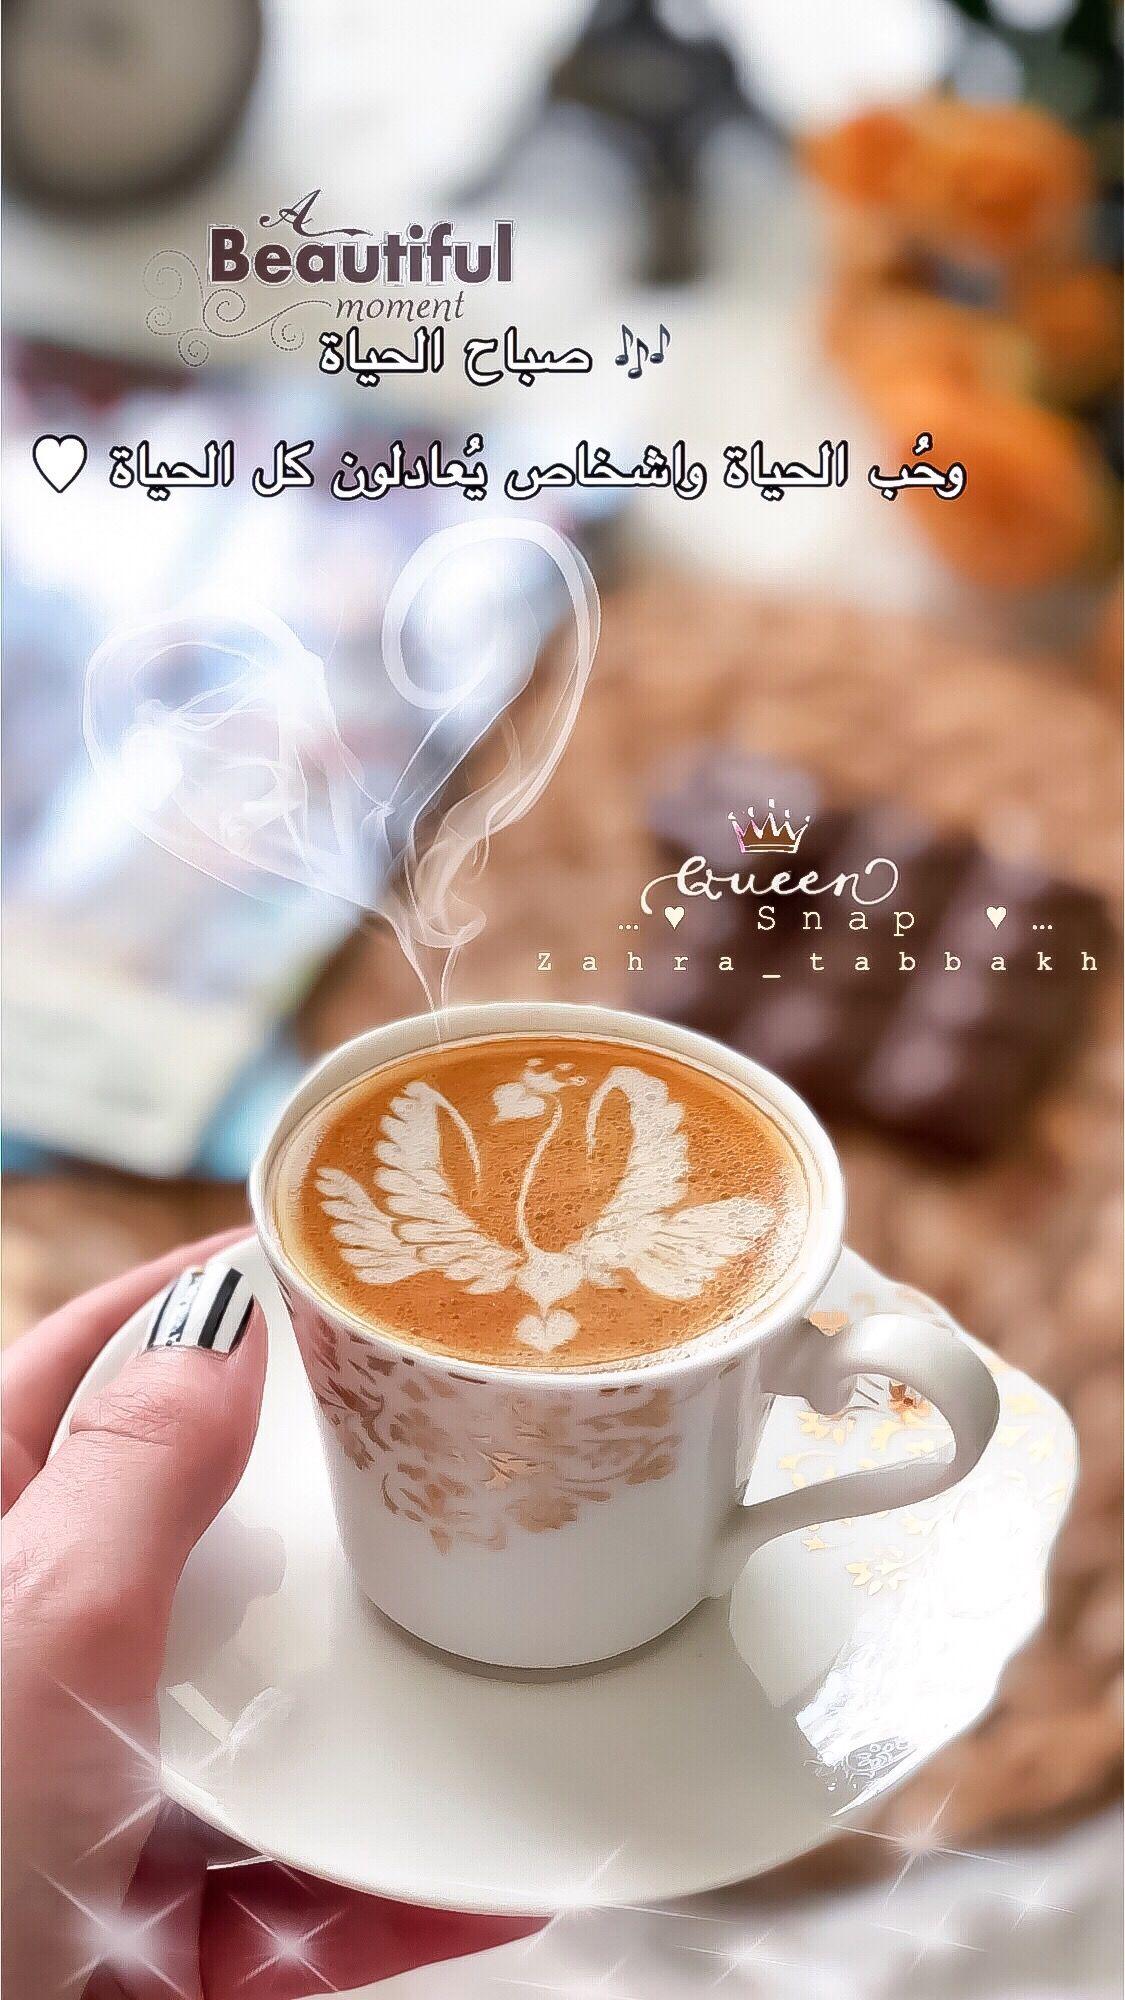 قهوتي قهوة صباحالخير صباحالورد سنابات اقتباسات بيسيات دعاء جمعةمباركة جمعة صباحات صباح سنابي سناب ص Coffee Cup Art Coffee Pictures My Coffee